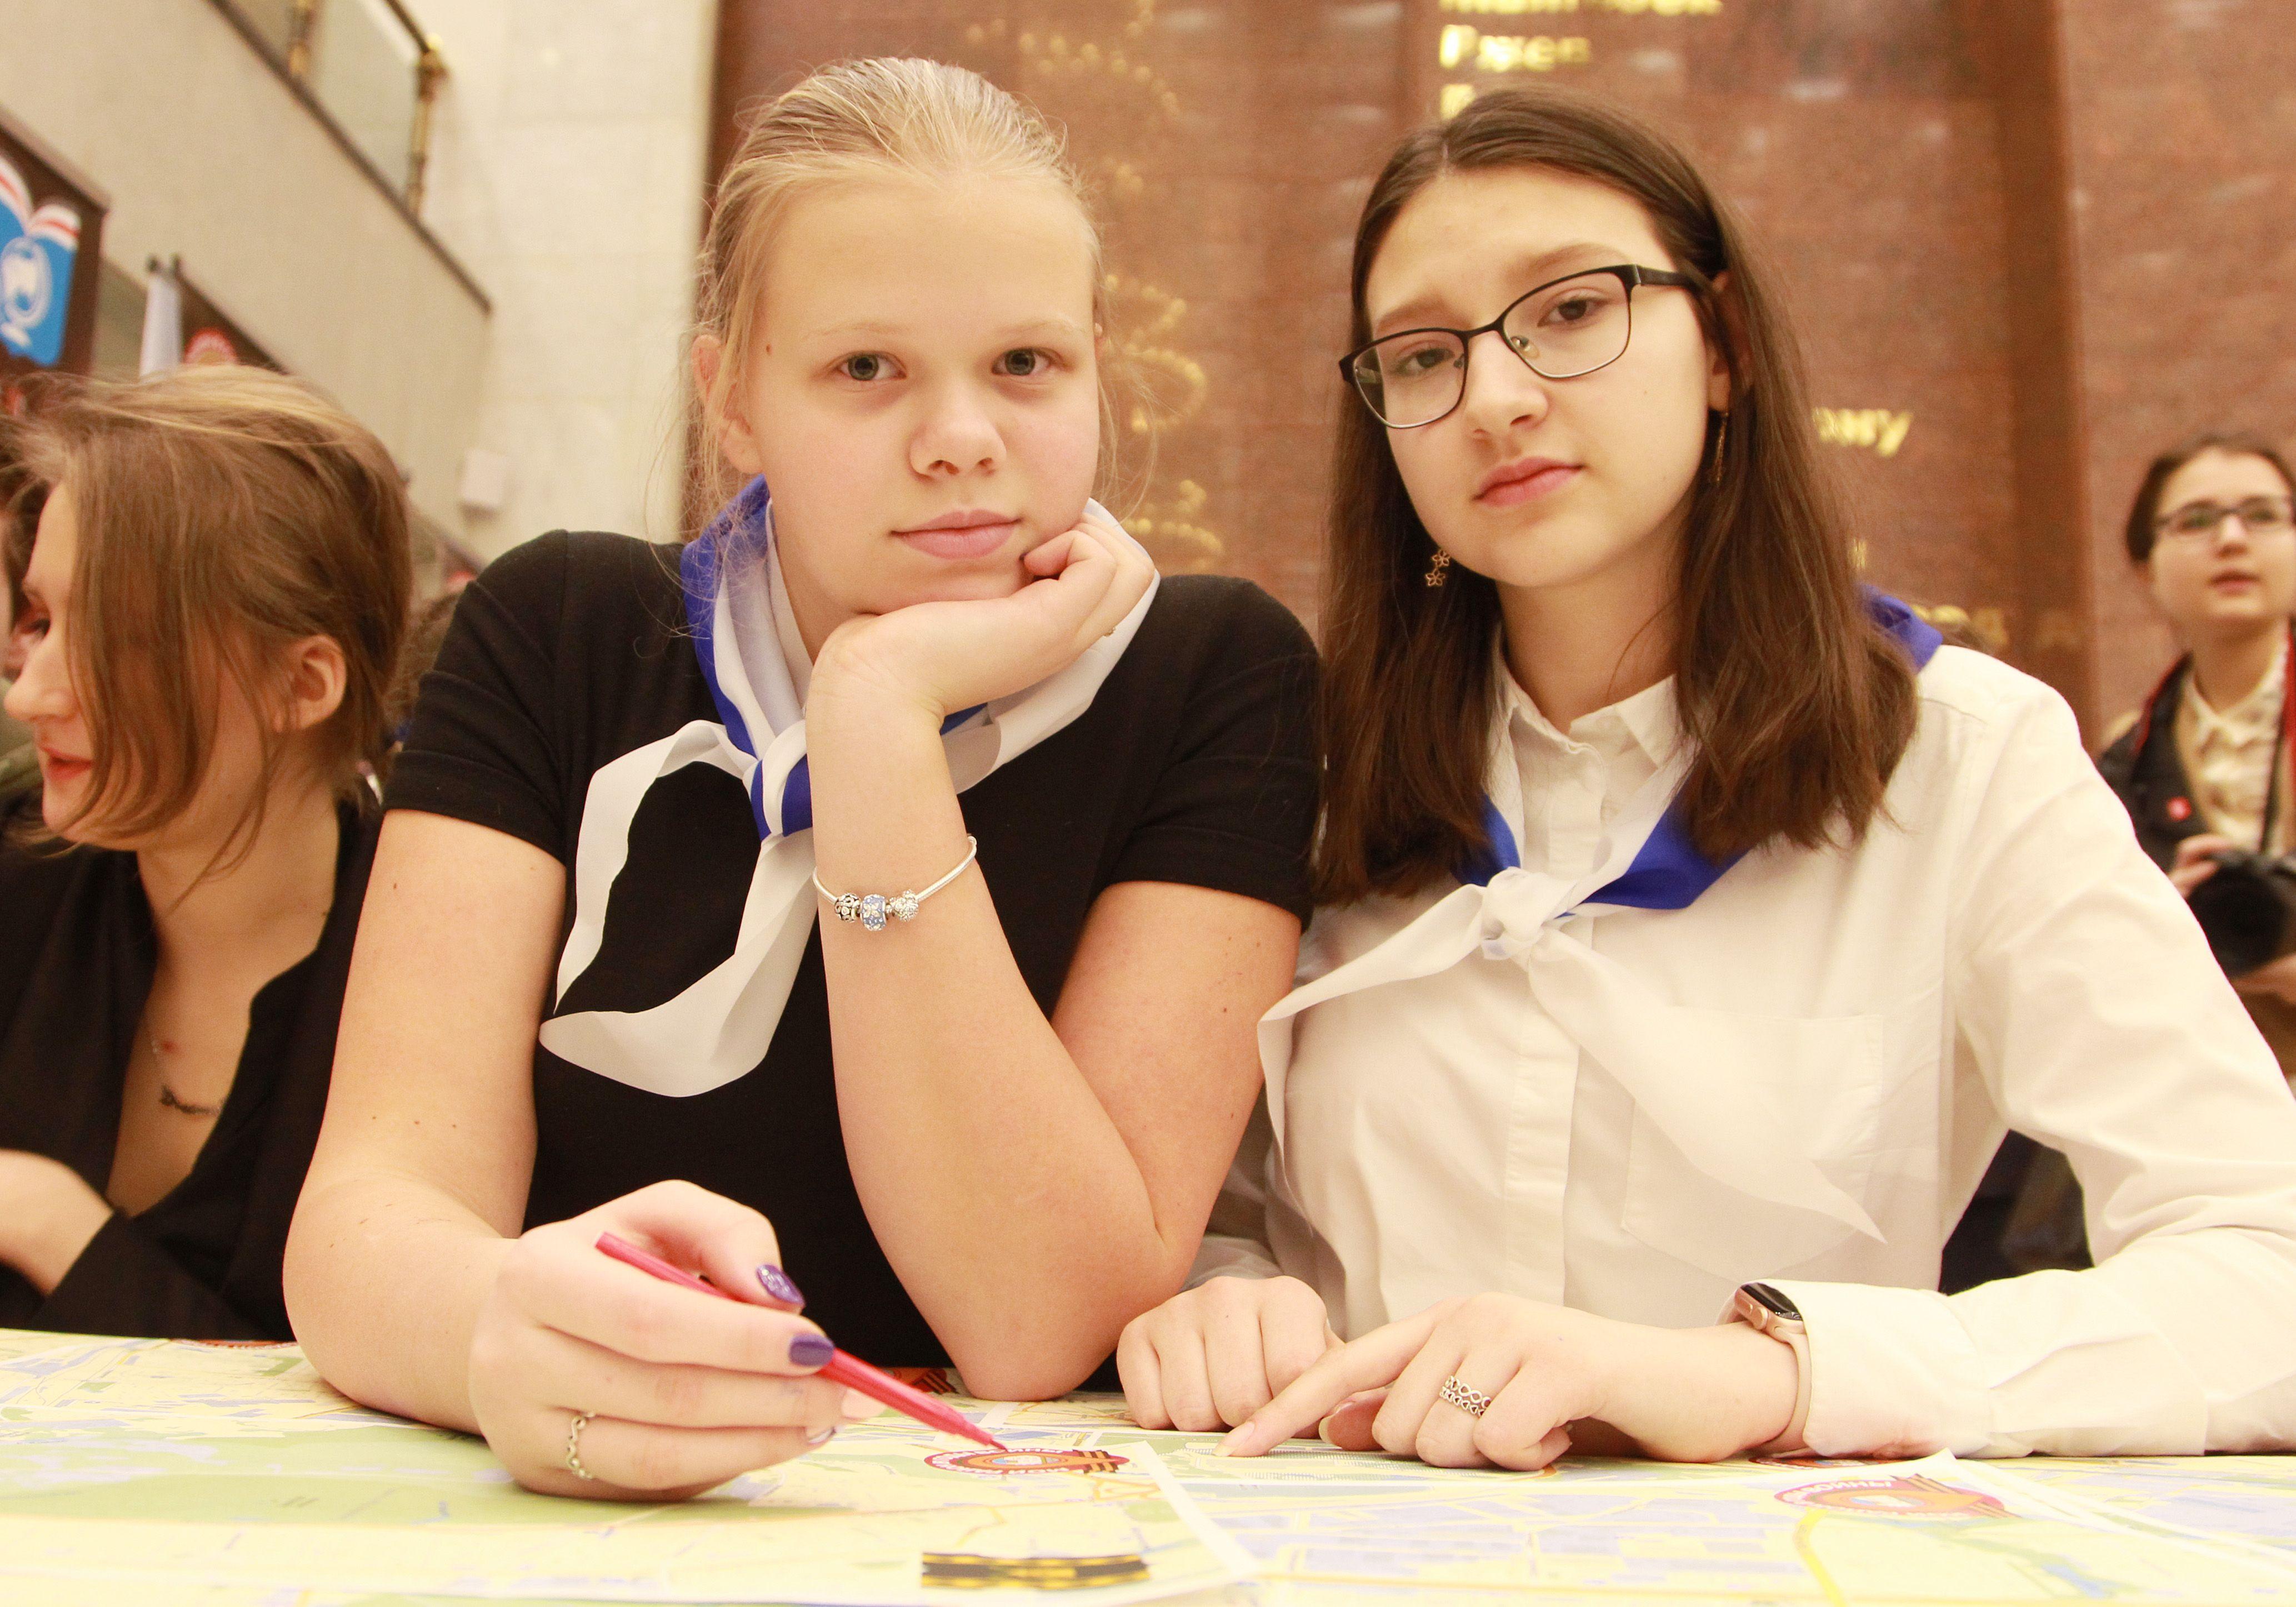 Патриотическую программу организуют для подростков в Щаповском